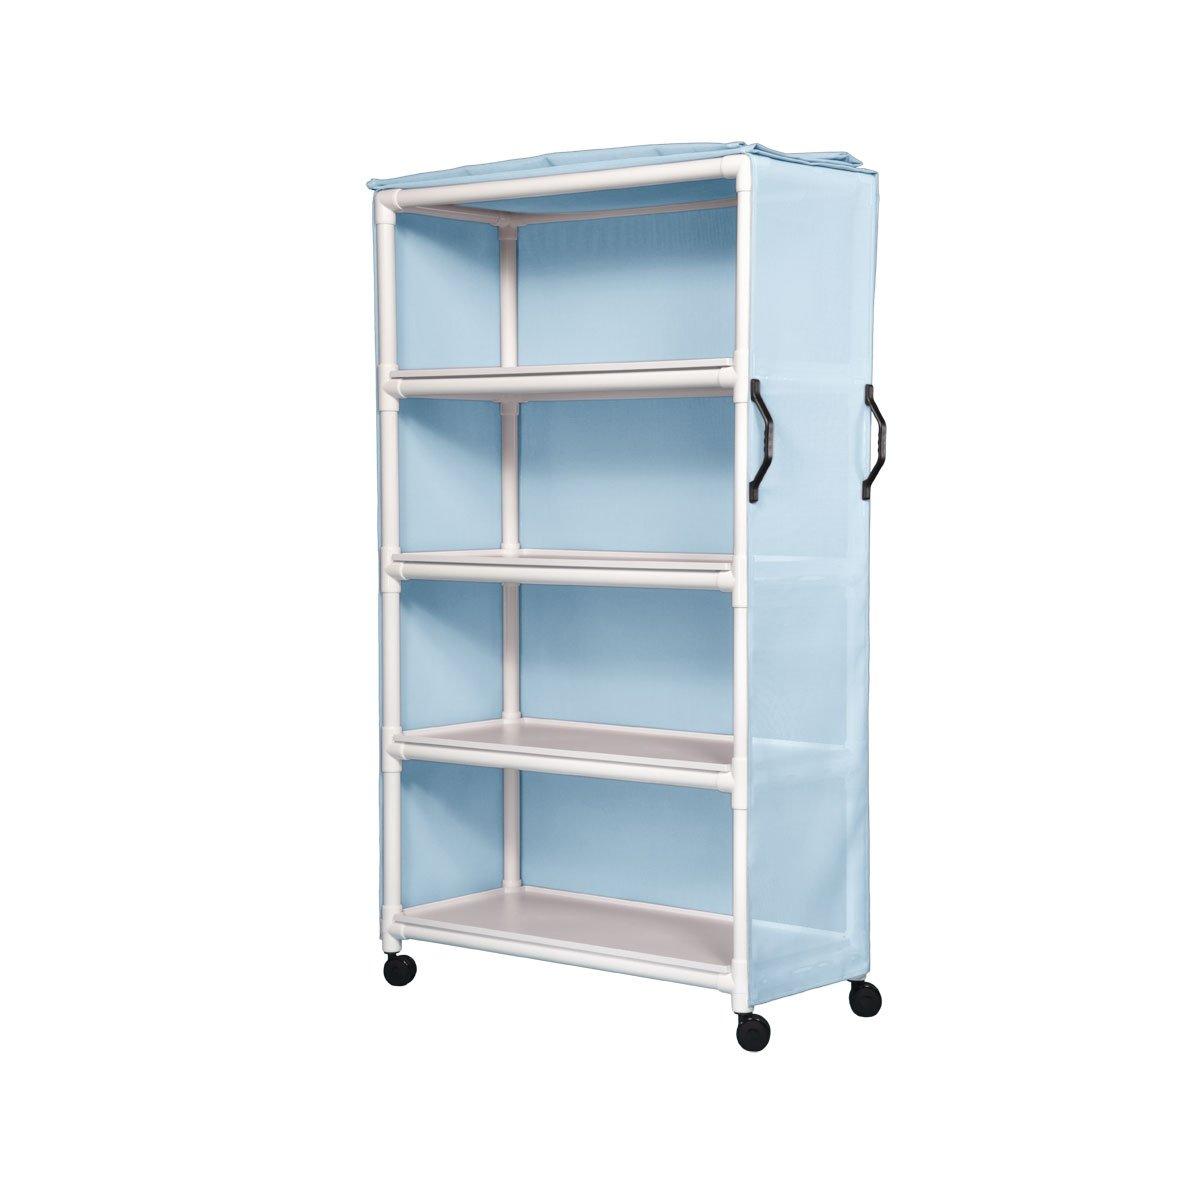 Excellent Std Line Linen Cart - Four 45X20 Sure Blue Light Colorado Springs Mall Chek Shelves